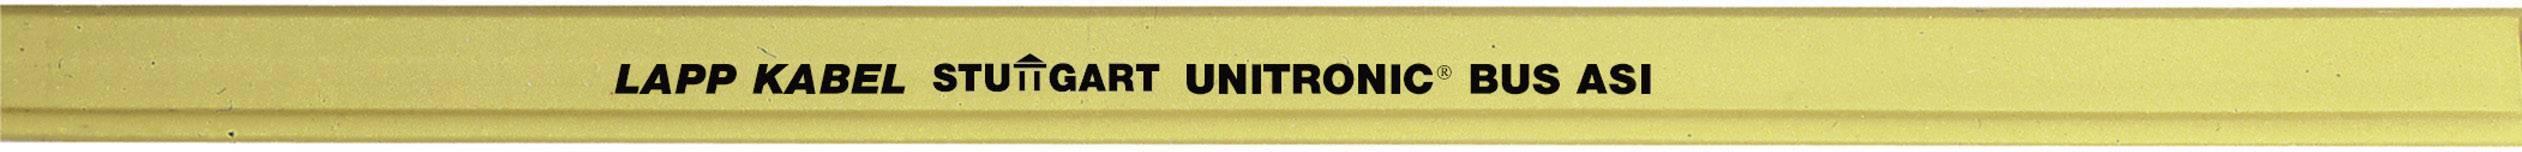 Sběrnicový kabel LappKabel UNITRONIC® BUS 2170228, žlutá, metrové zboží